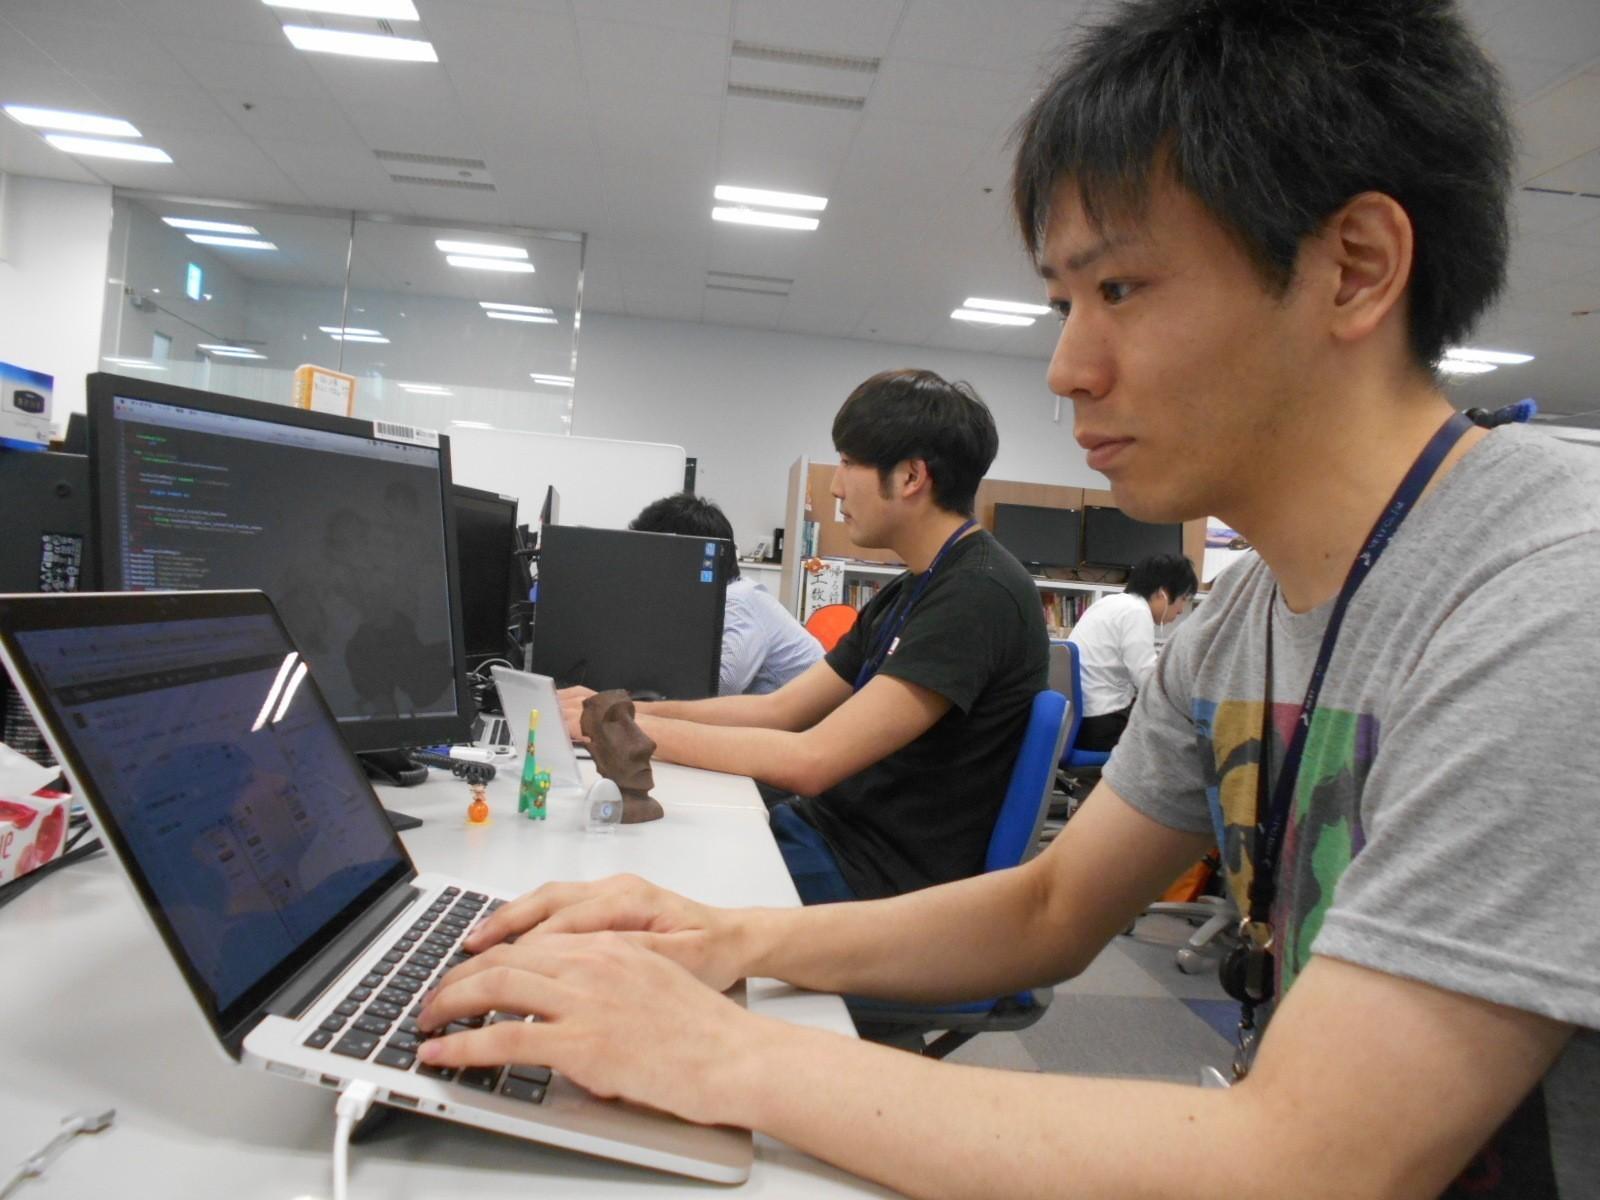 株式会社ネクスト・日本最大級の不動産・住宅情報サイト「HOME'S」の新築分譲戸建てや中古不動産領域のサービス開発を担う組織にて技術リーダーとして活躍してくれるエンジニアを募集!